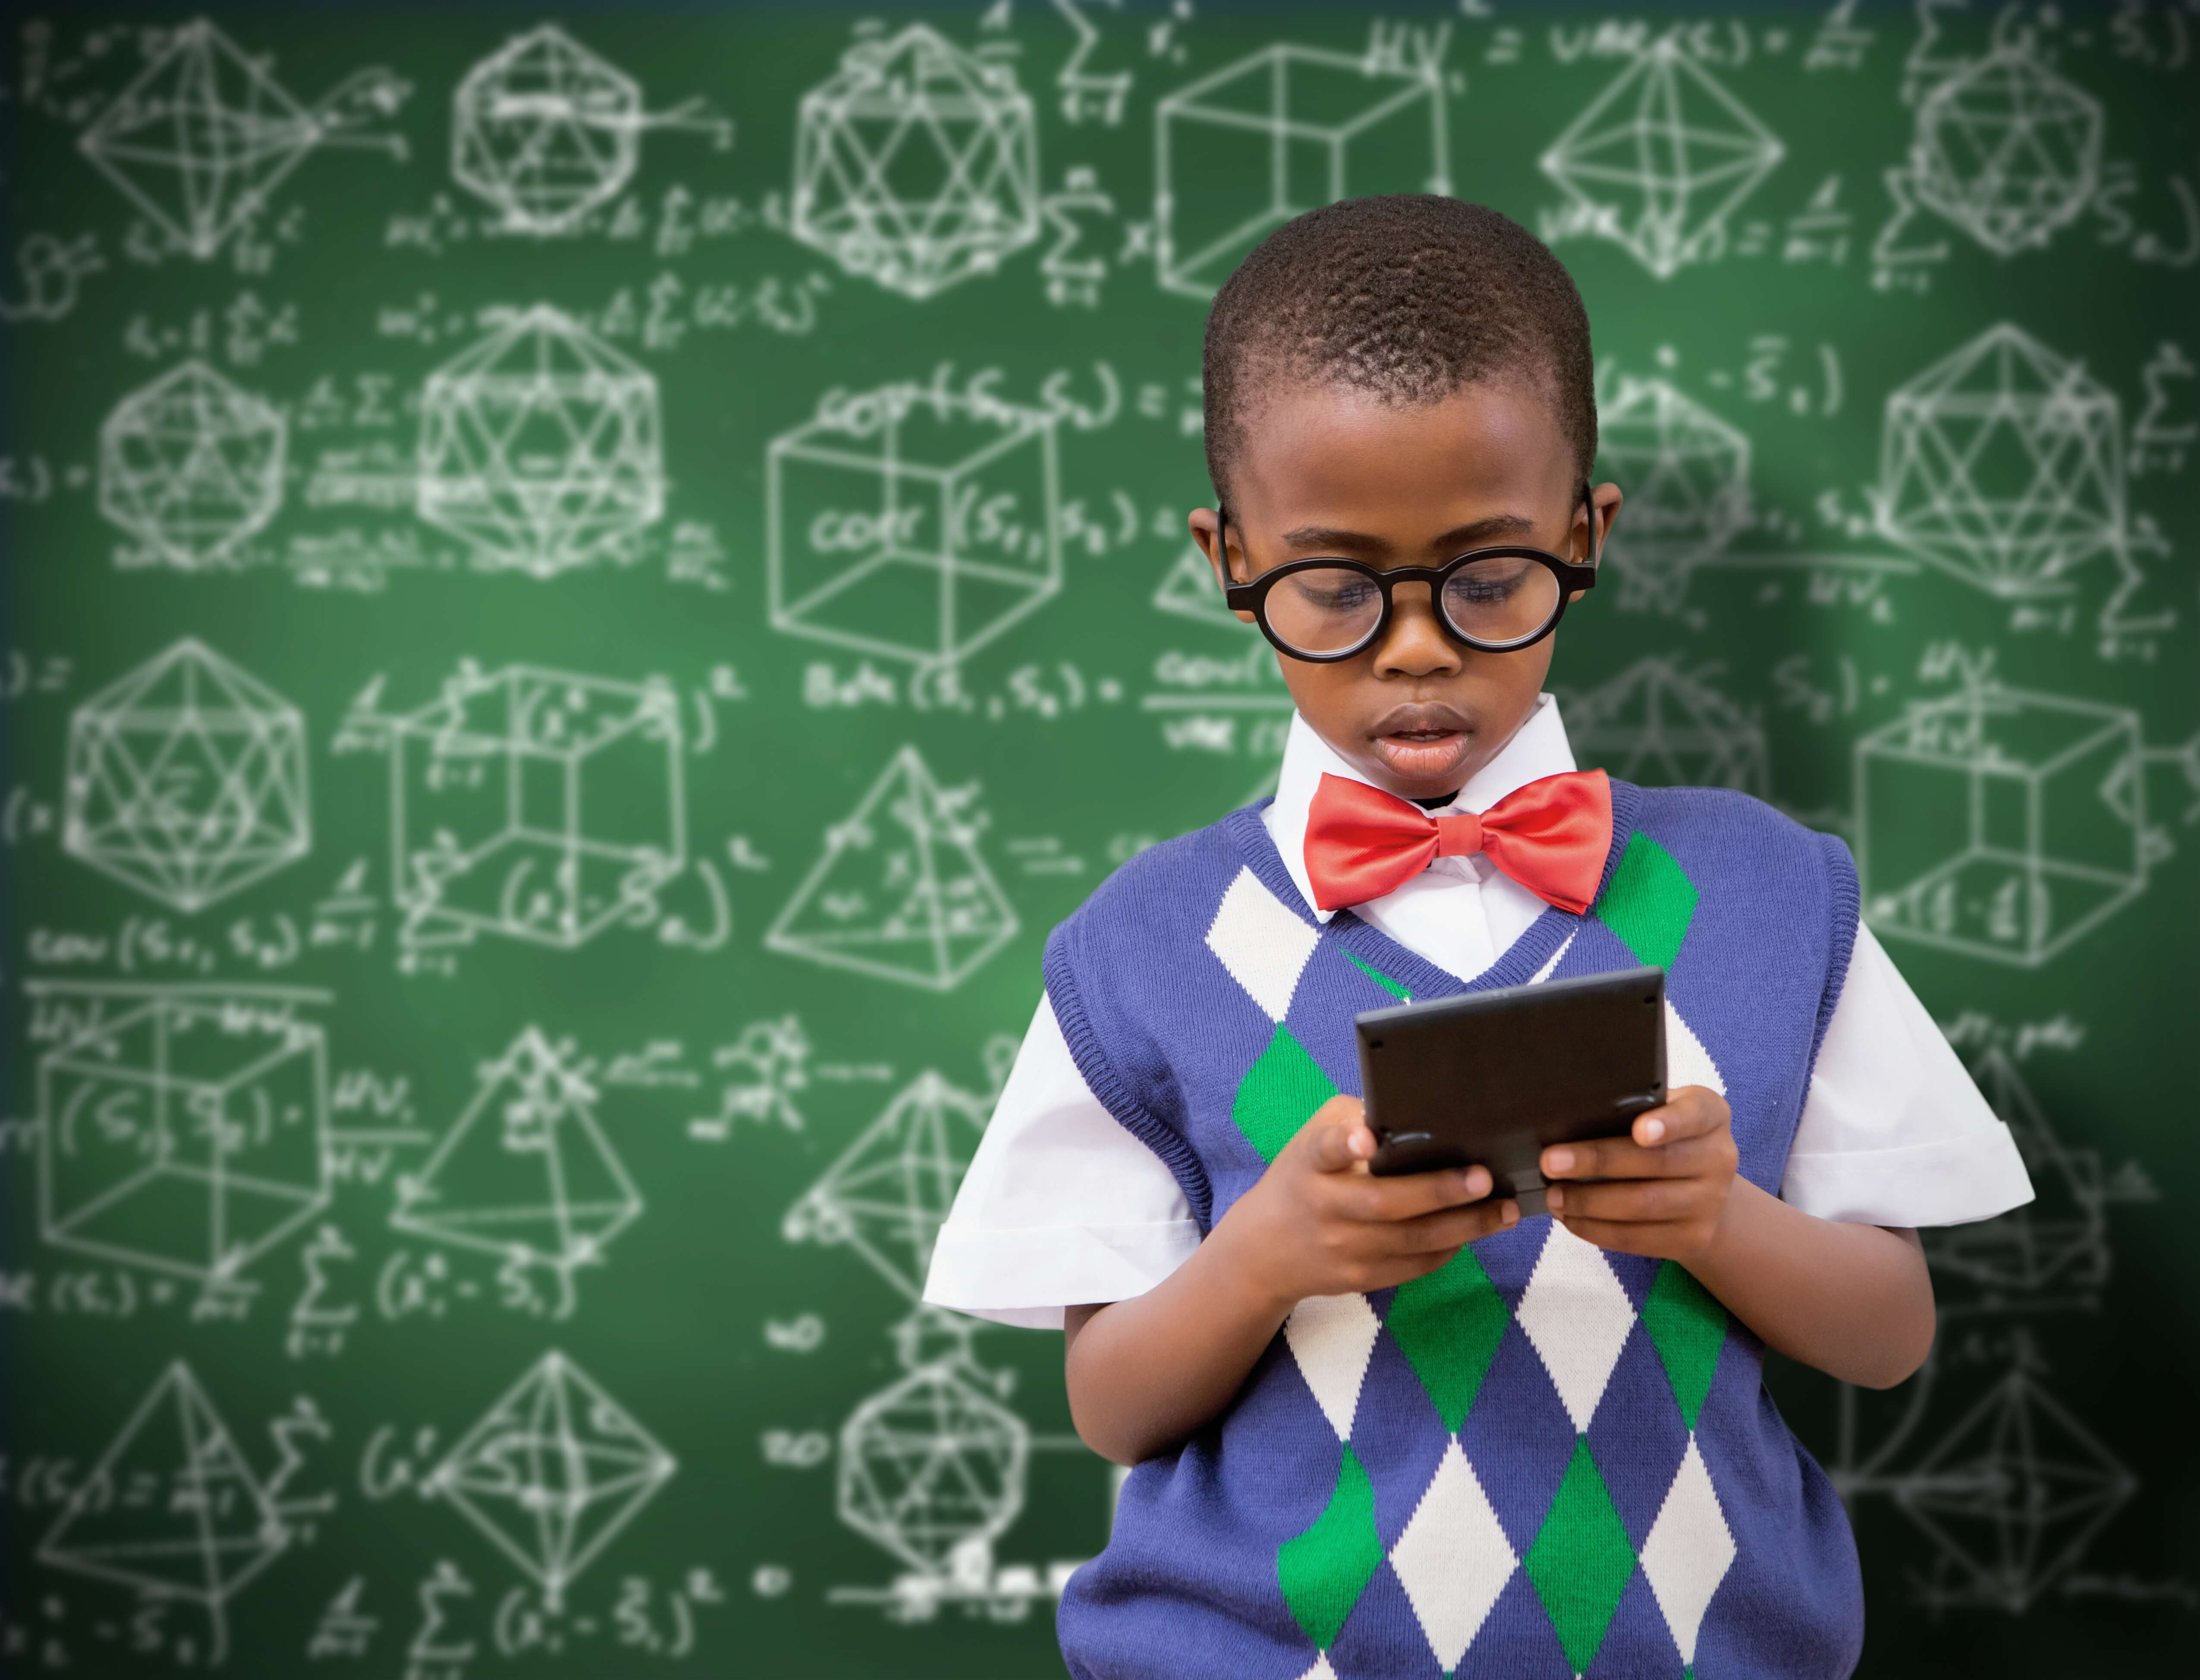 Un niño sosteniendo una calculadora frente a una pizarra.